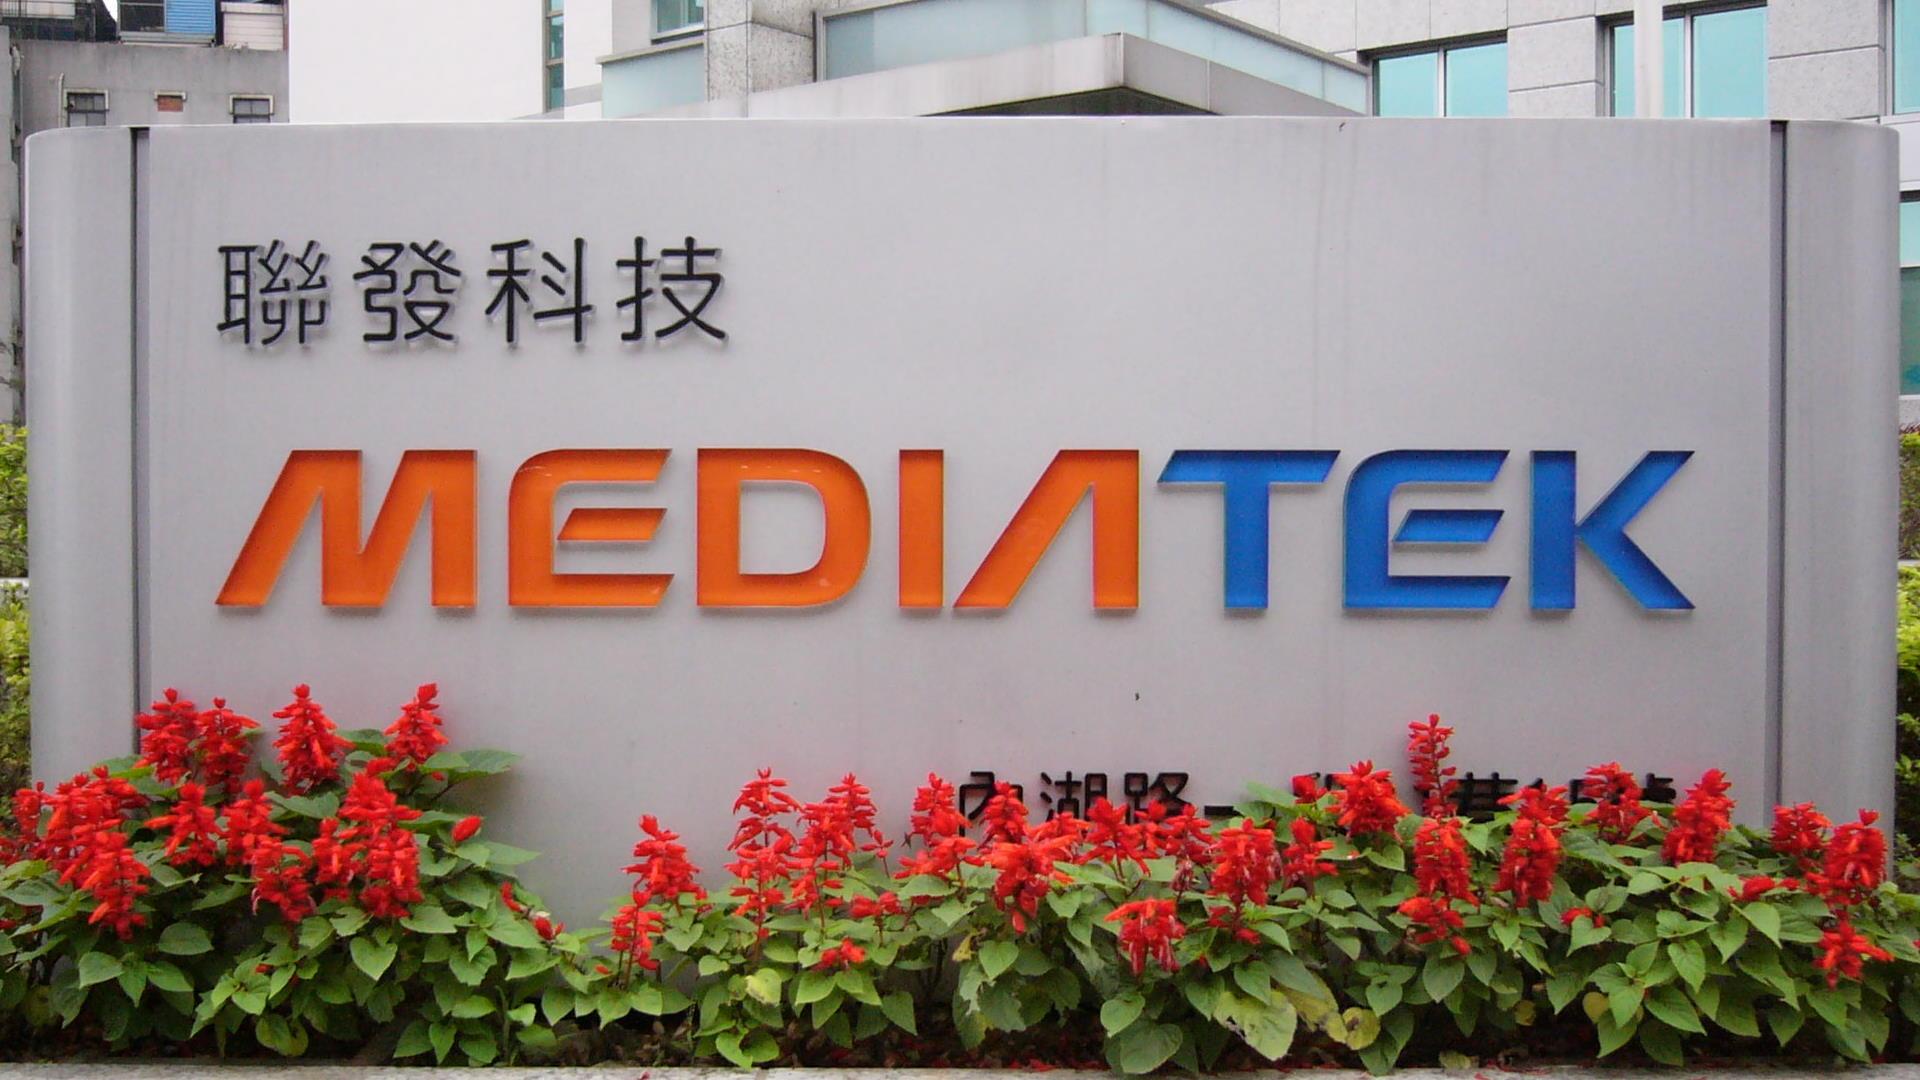 mediatek-3